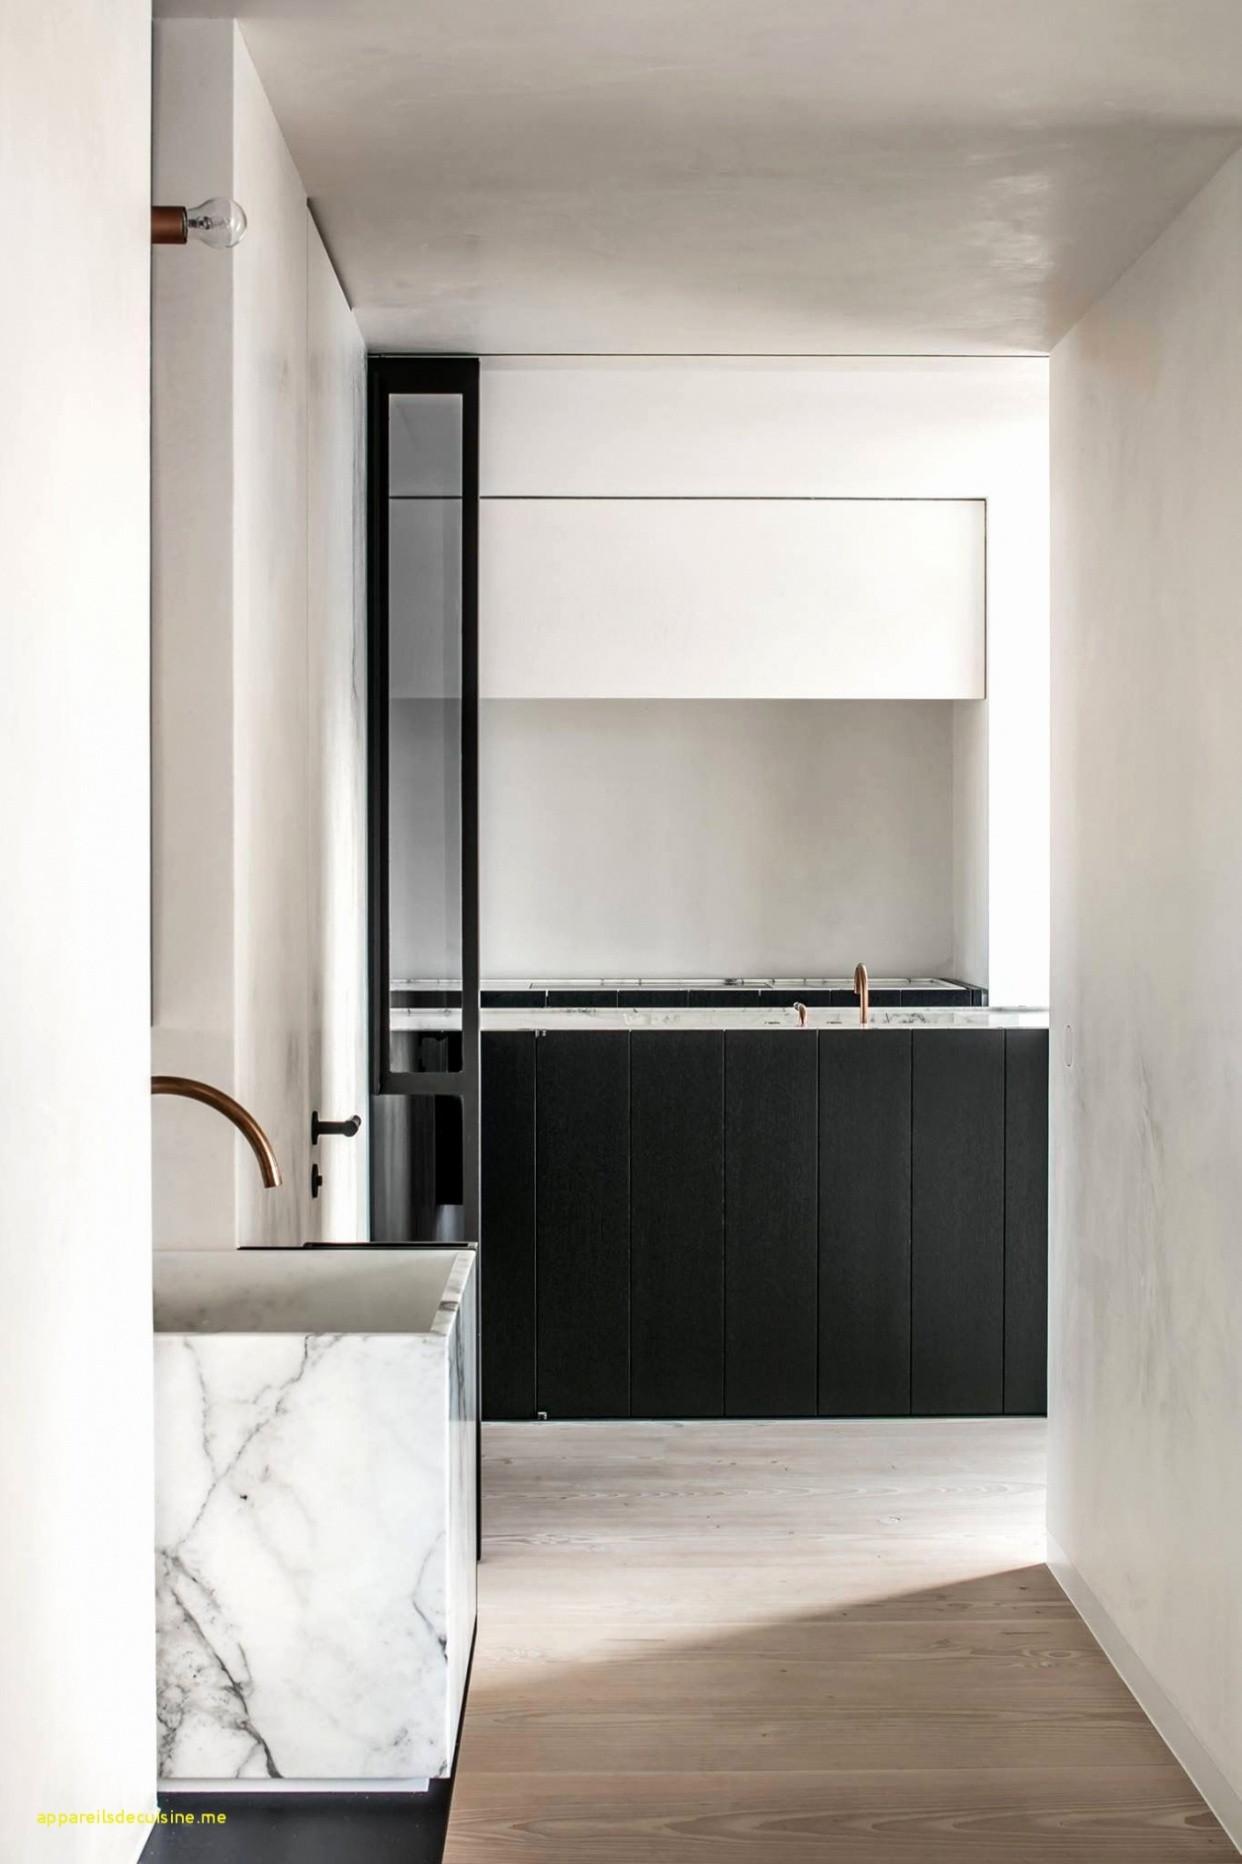 evier sur meuble meuble alinea meuble evier d angle cuisine elegant alinea evier 0d of evier sur meuble